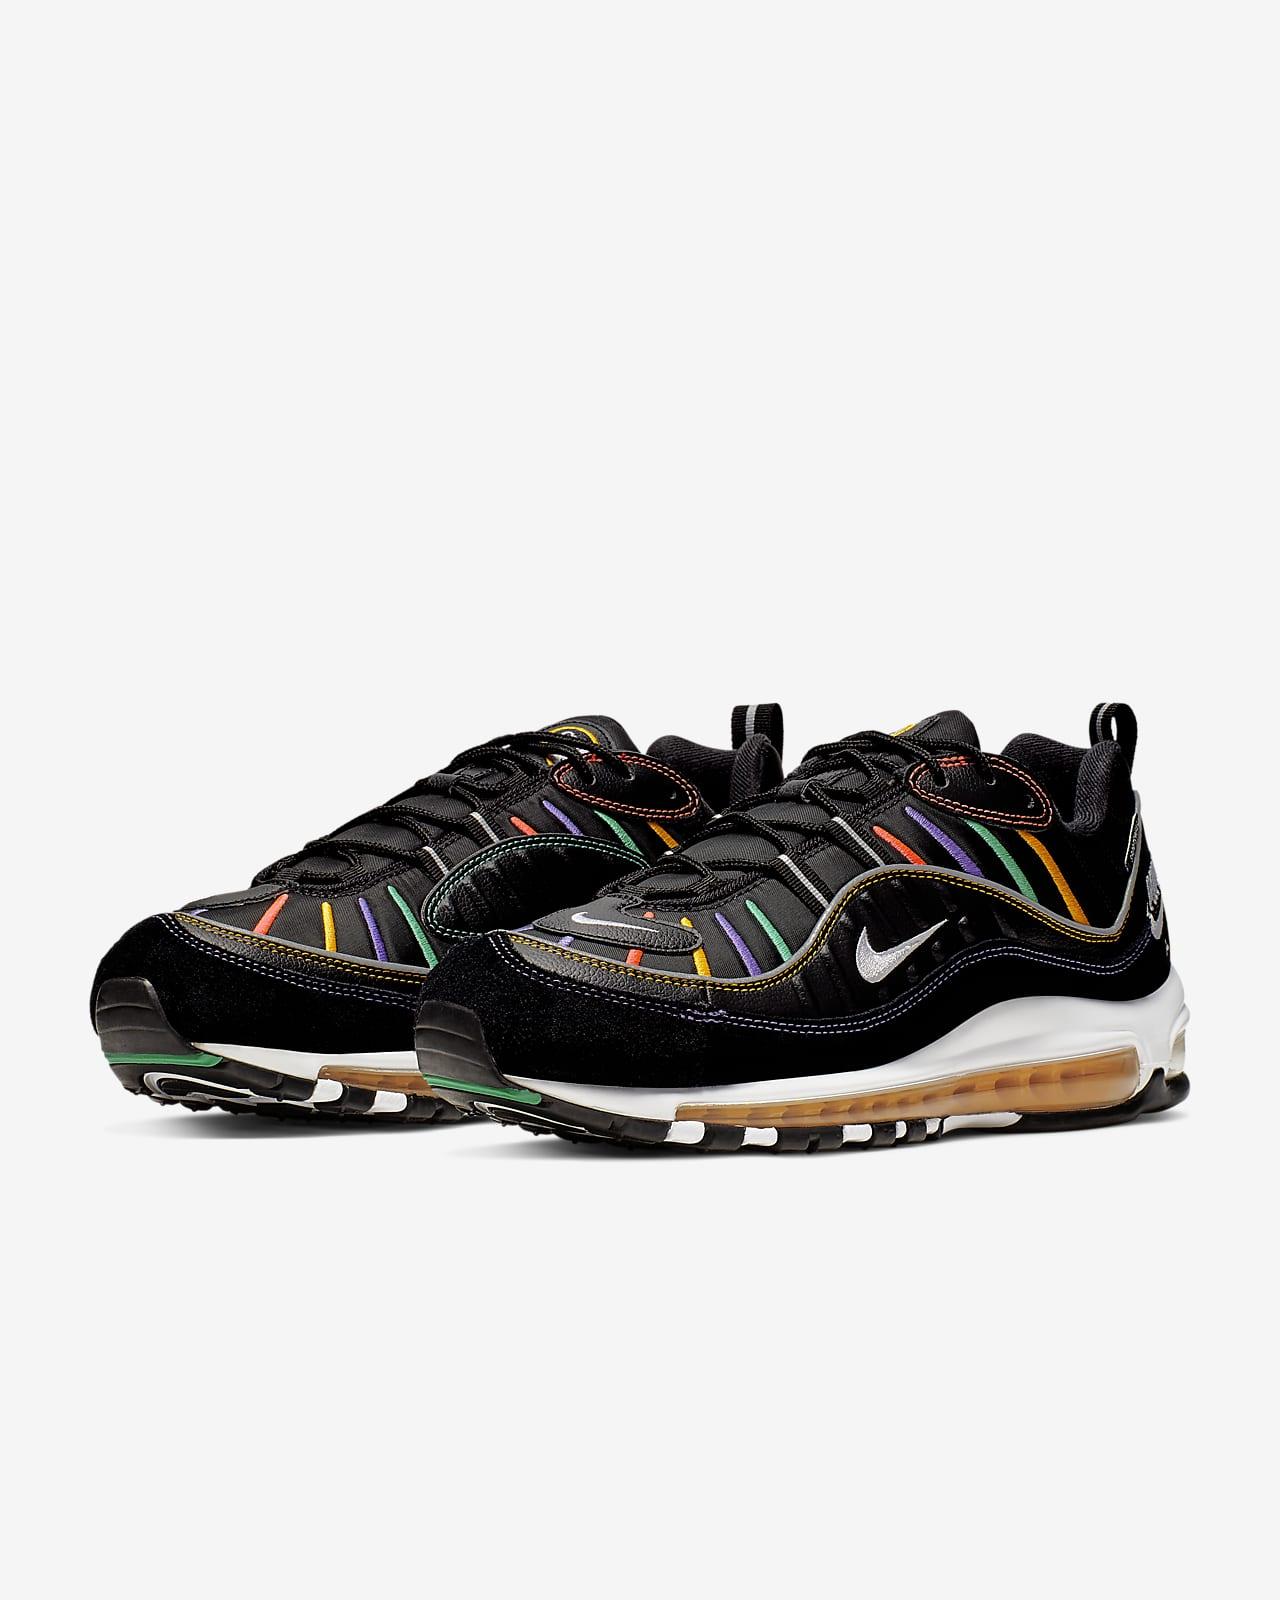 Nike Air Max 98 Premium Men's Shoes